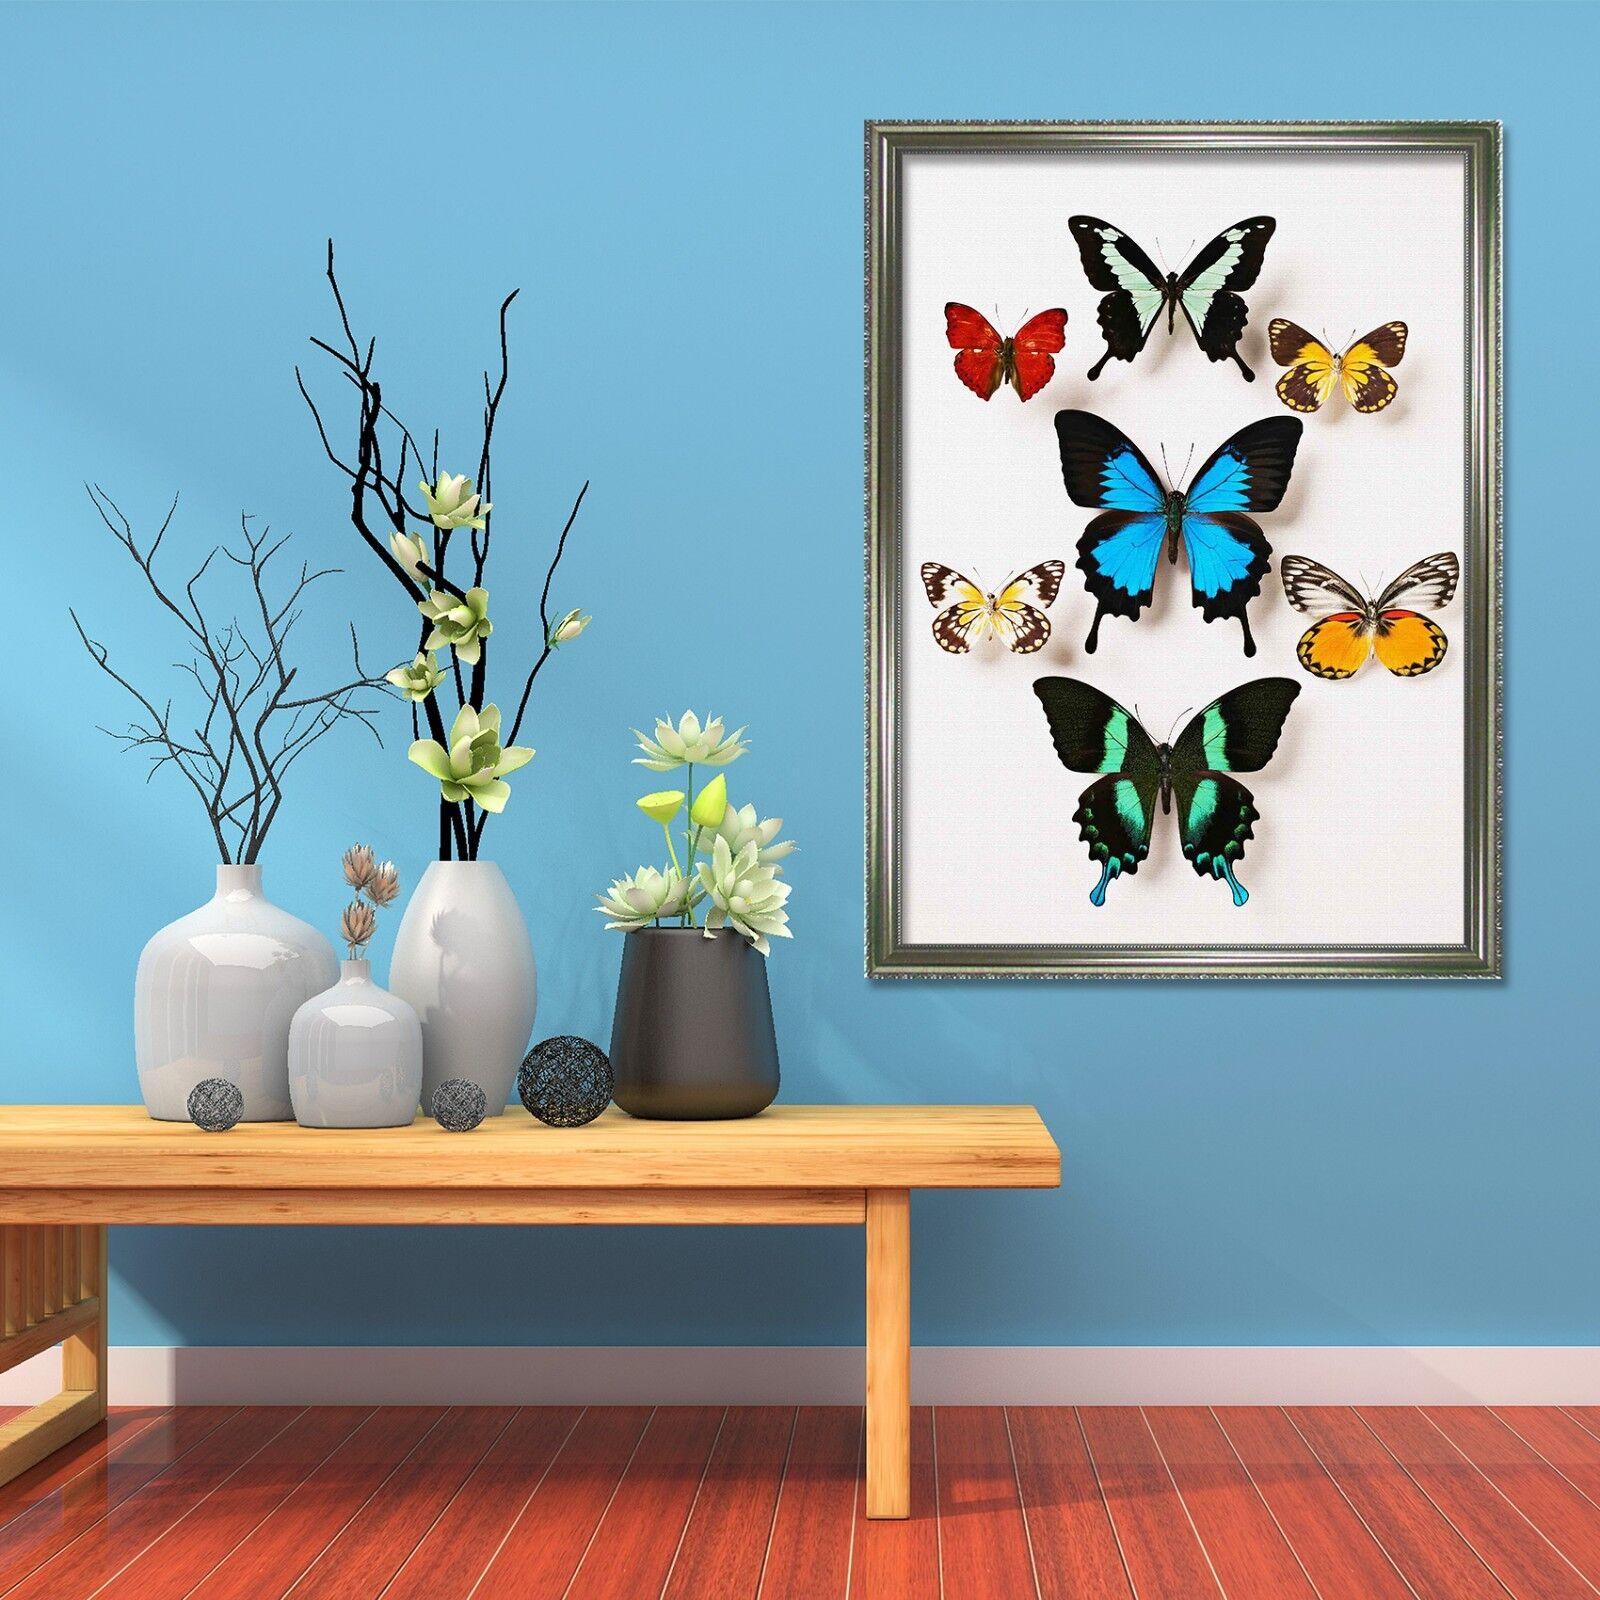 Cartel enmarcado 3D Color Mariposas 33 Decoración del Hogar Pintura de Impresión Arte AJ Wallpaper